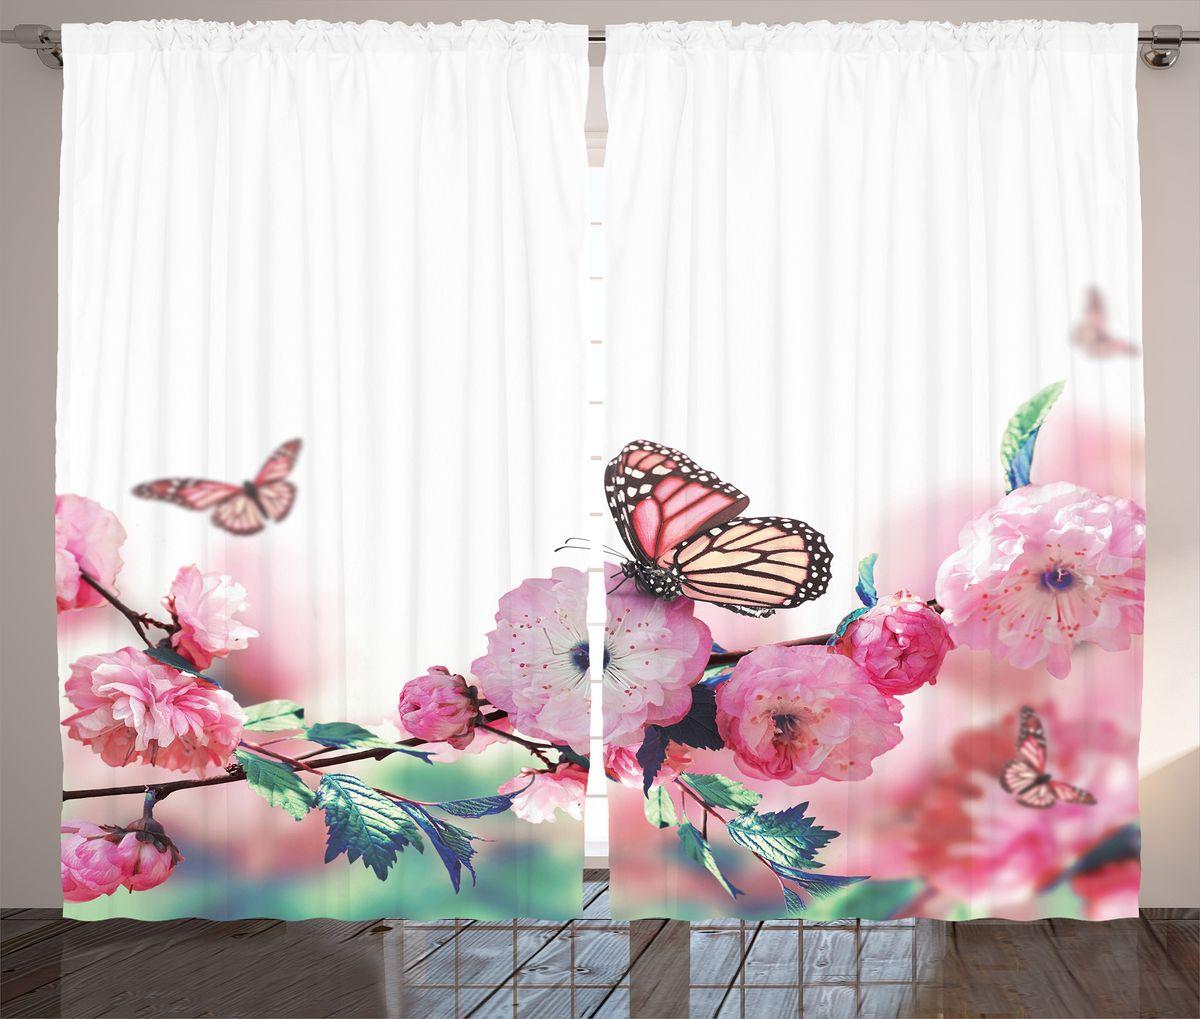 Комплект фотоштор Magic Lady Бабочки на розовых цветах, на ленте, высота 265 см. шсг_2637шсг_2637Компания Сэмболь изготавливает шторы из высококачественного сатена (полиэстер 100%). При изготовлении используются специальные гипоаллергенные чернила для прямой печати по ткани, безопасные для человека и животных. Экологичность продукции Magic lady и безопасность для окружающей среды подтверждены сертификатом Oeko-Tex Standard 100. Крепление: крючки для крепления на шторной ленте (50 шт). Возможно крепление на трубу. Внимание! При нанесении сублимационной печати на ткань технологическим методом при температуре 240°С, возможно отклонение полученных размеров (указанных на этикетке и сайте) от стандартных на + - 3-5 см. Производитель старается максимально точно передать цвета изделия на фотографиях, однако искажения неизбежны и фактический цвет изделия может отличаться от воспринимаемого по фото. Обратите внимание! Шторы изготовлены из полиэстра сатенового переплетения, а не из сатина (хлопок). Размер одного полотна шторы: 145х265 см. В комплекте 2...